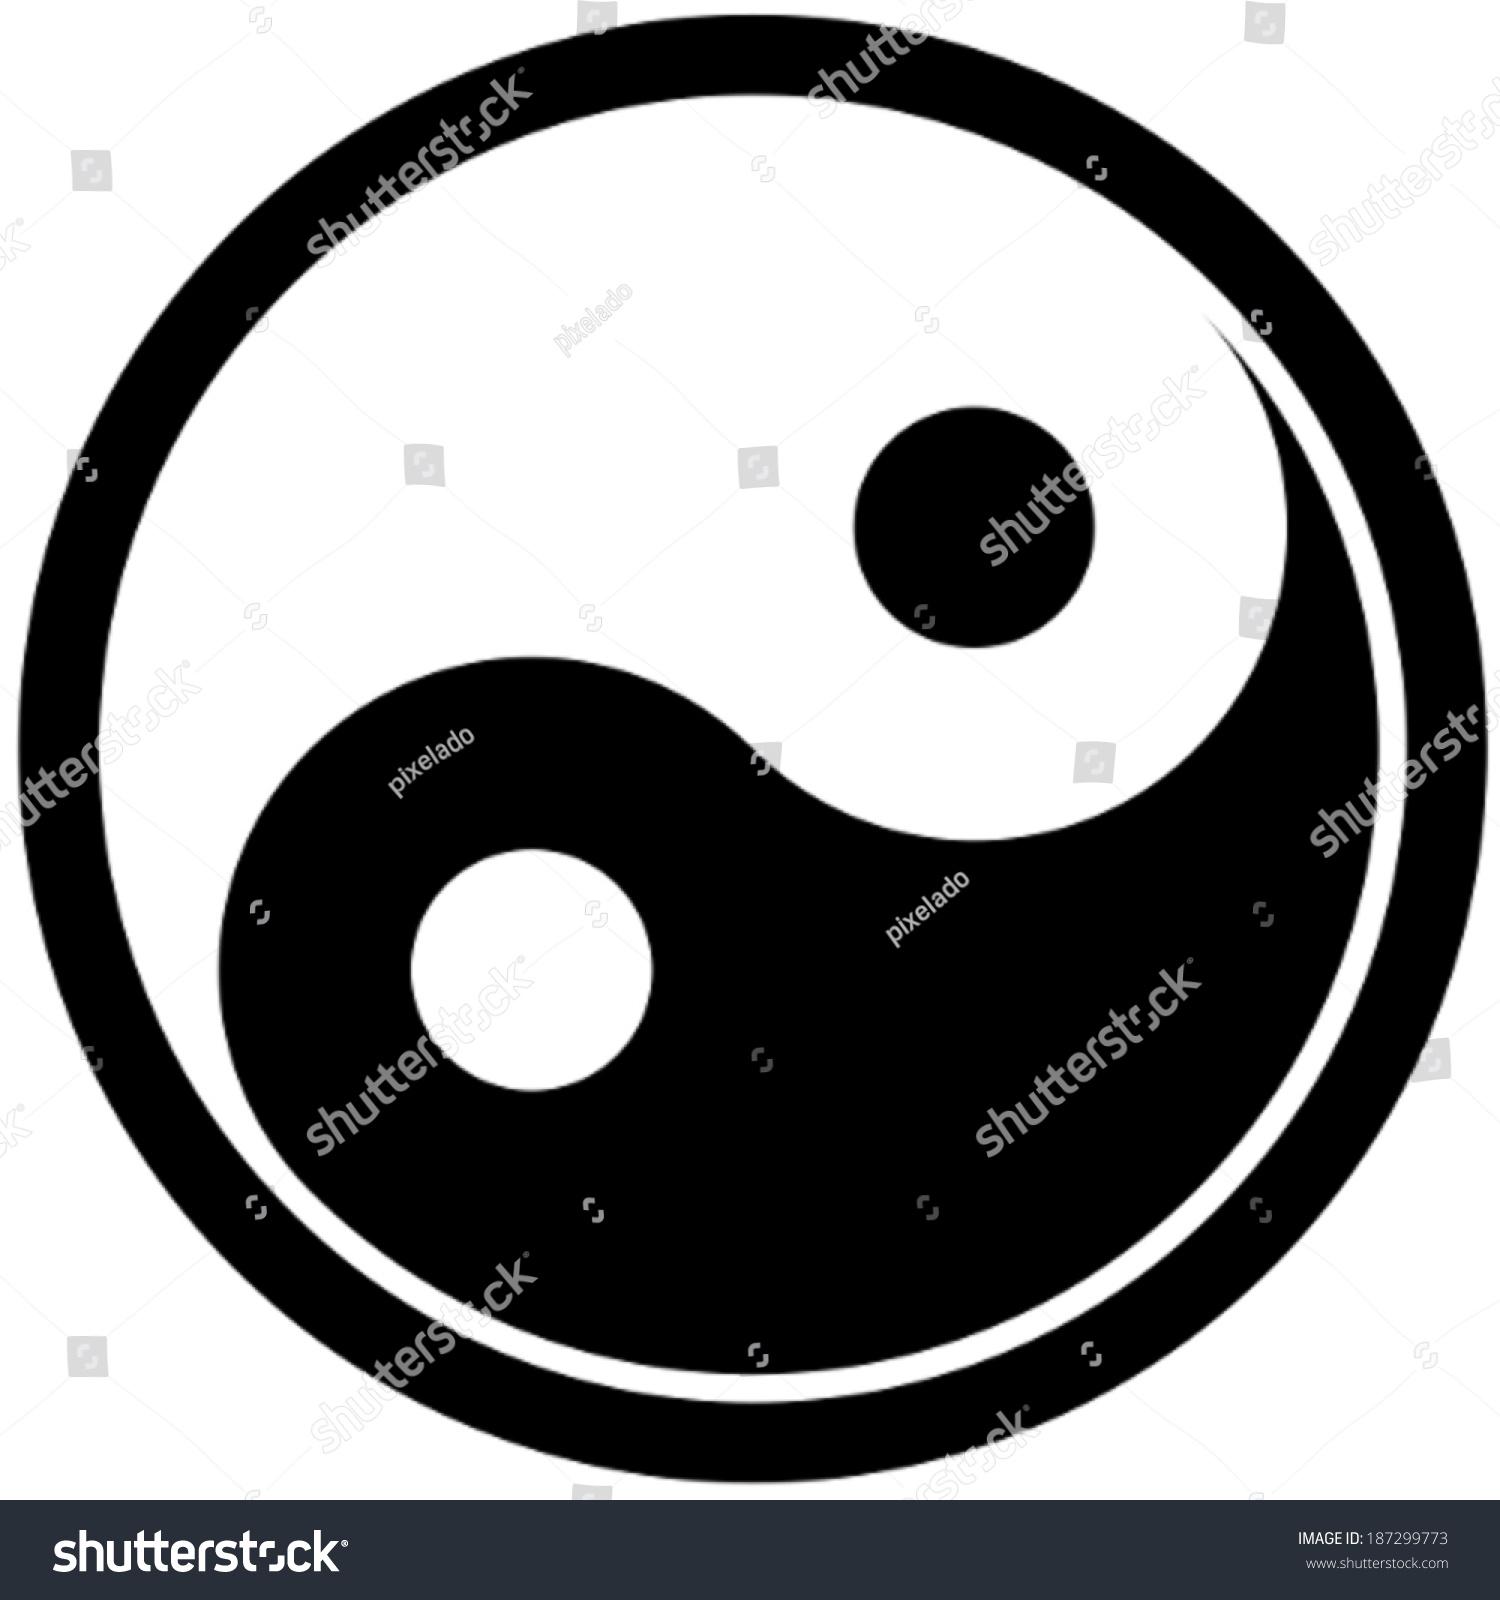 Vector drawing yin yang symbol stock vector 187299773 shutterstock vector drawing of a yin yang symbol buycottarizona Choice Image